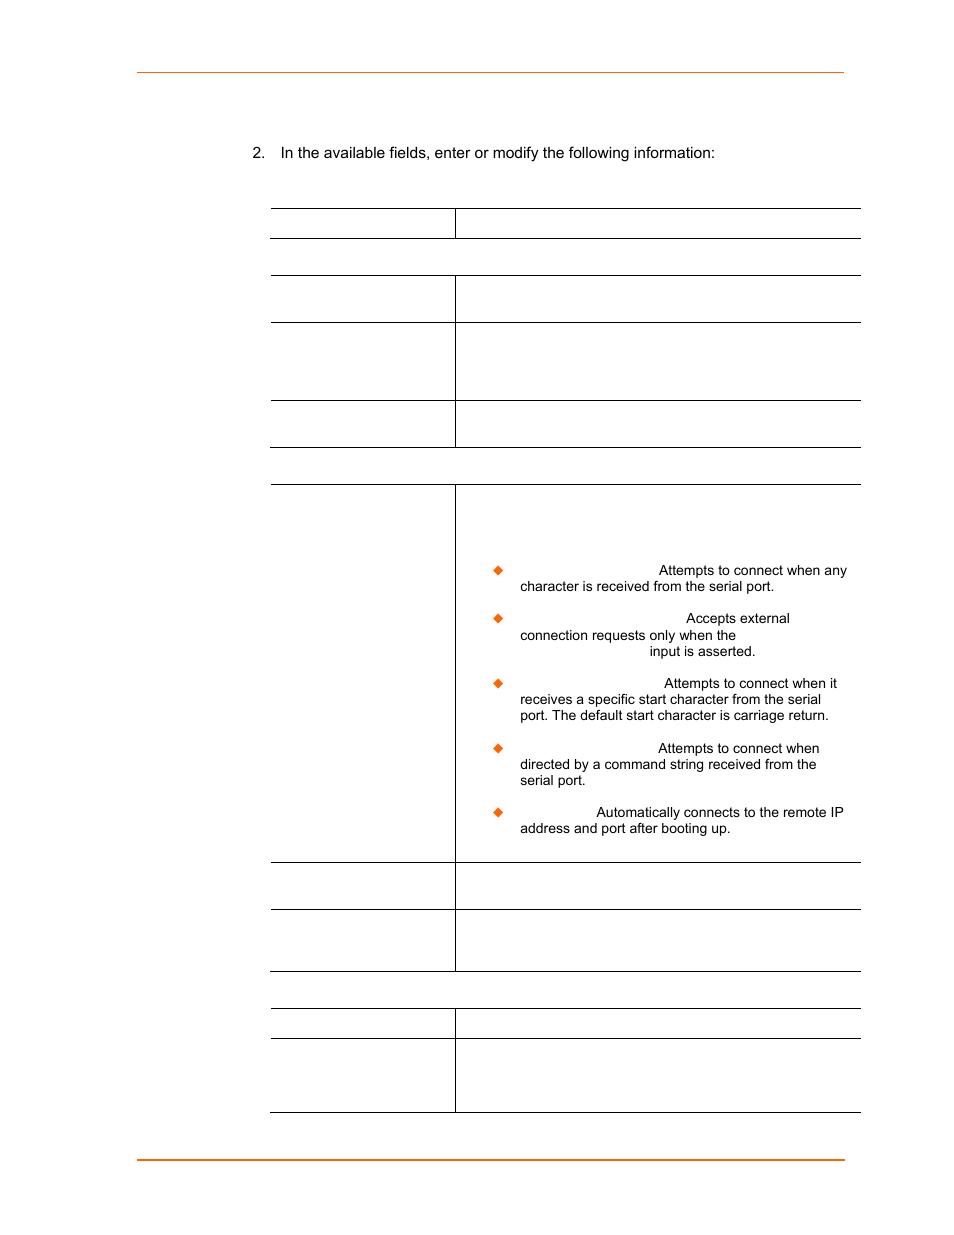 Lantronix UDS2100 User Manual | Page 31 / 83